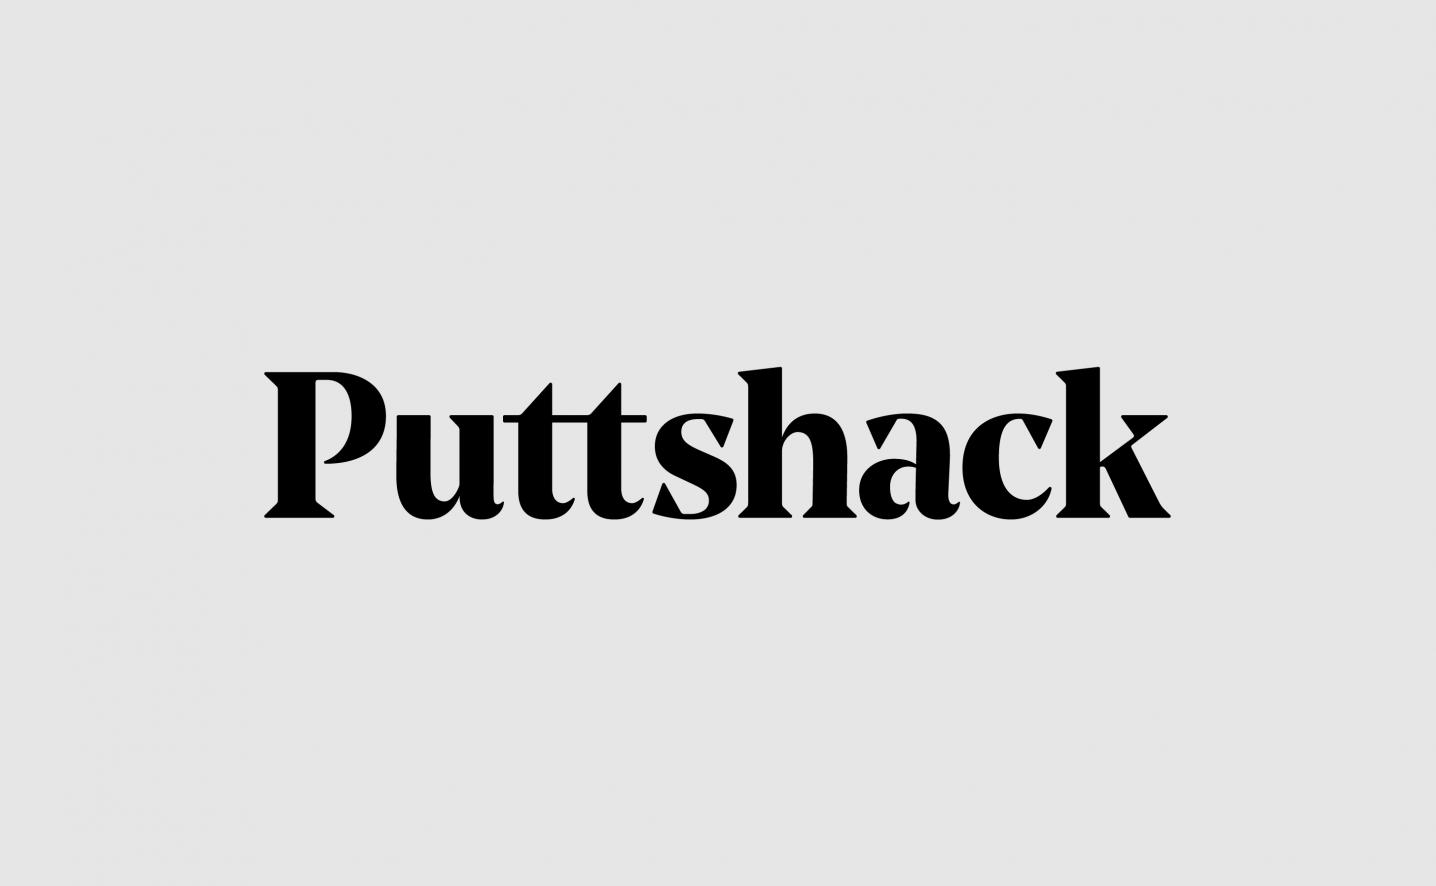 Puttshack1